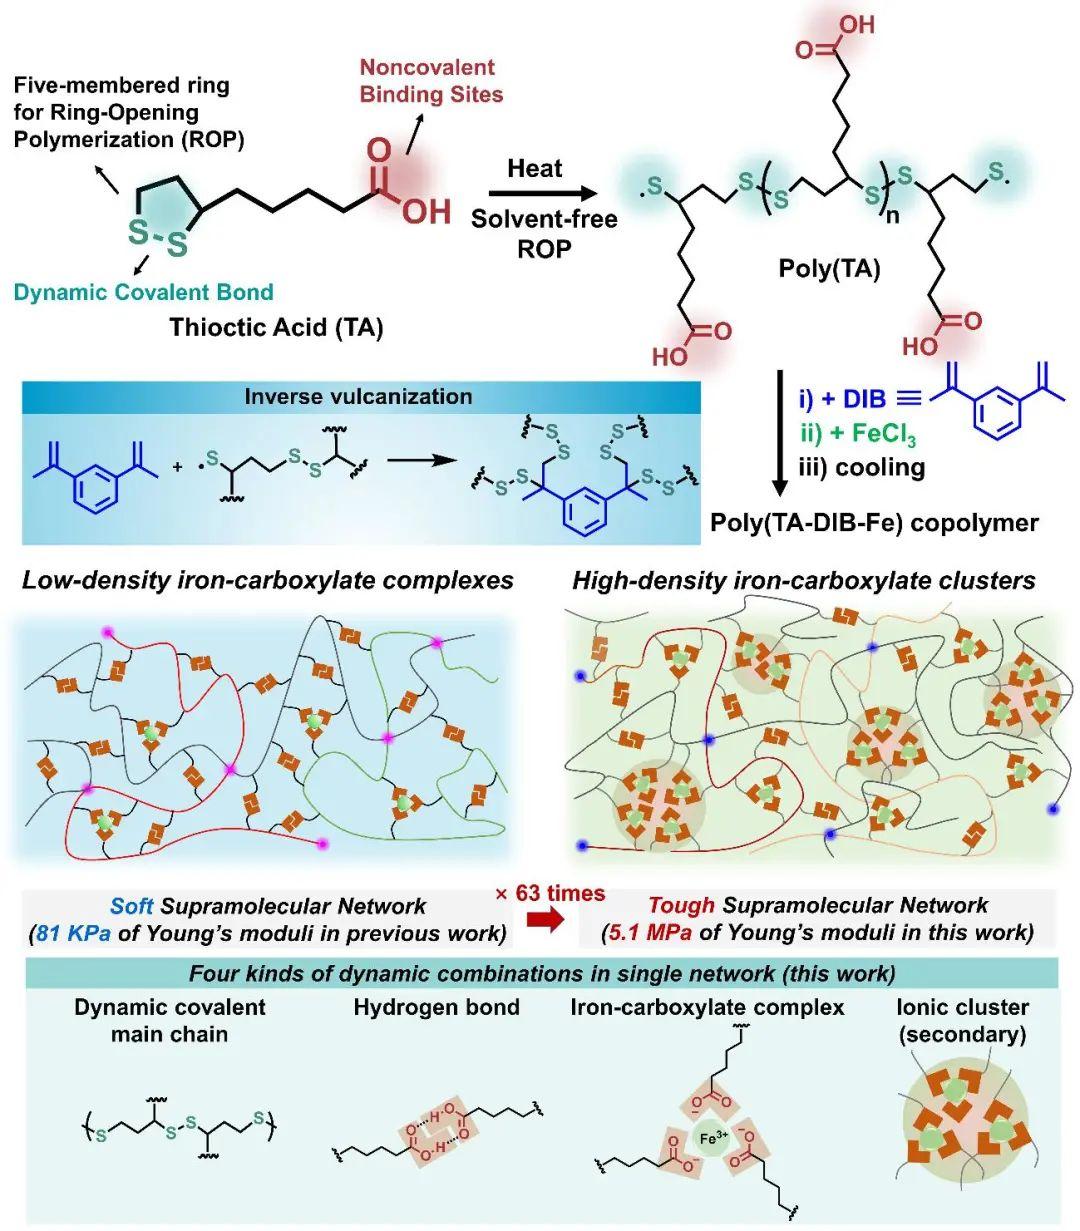 华东理工大学曲大辉《德国应化》:在超分子自修复聚合物领域研究工作取得进展